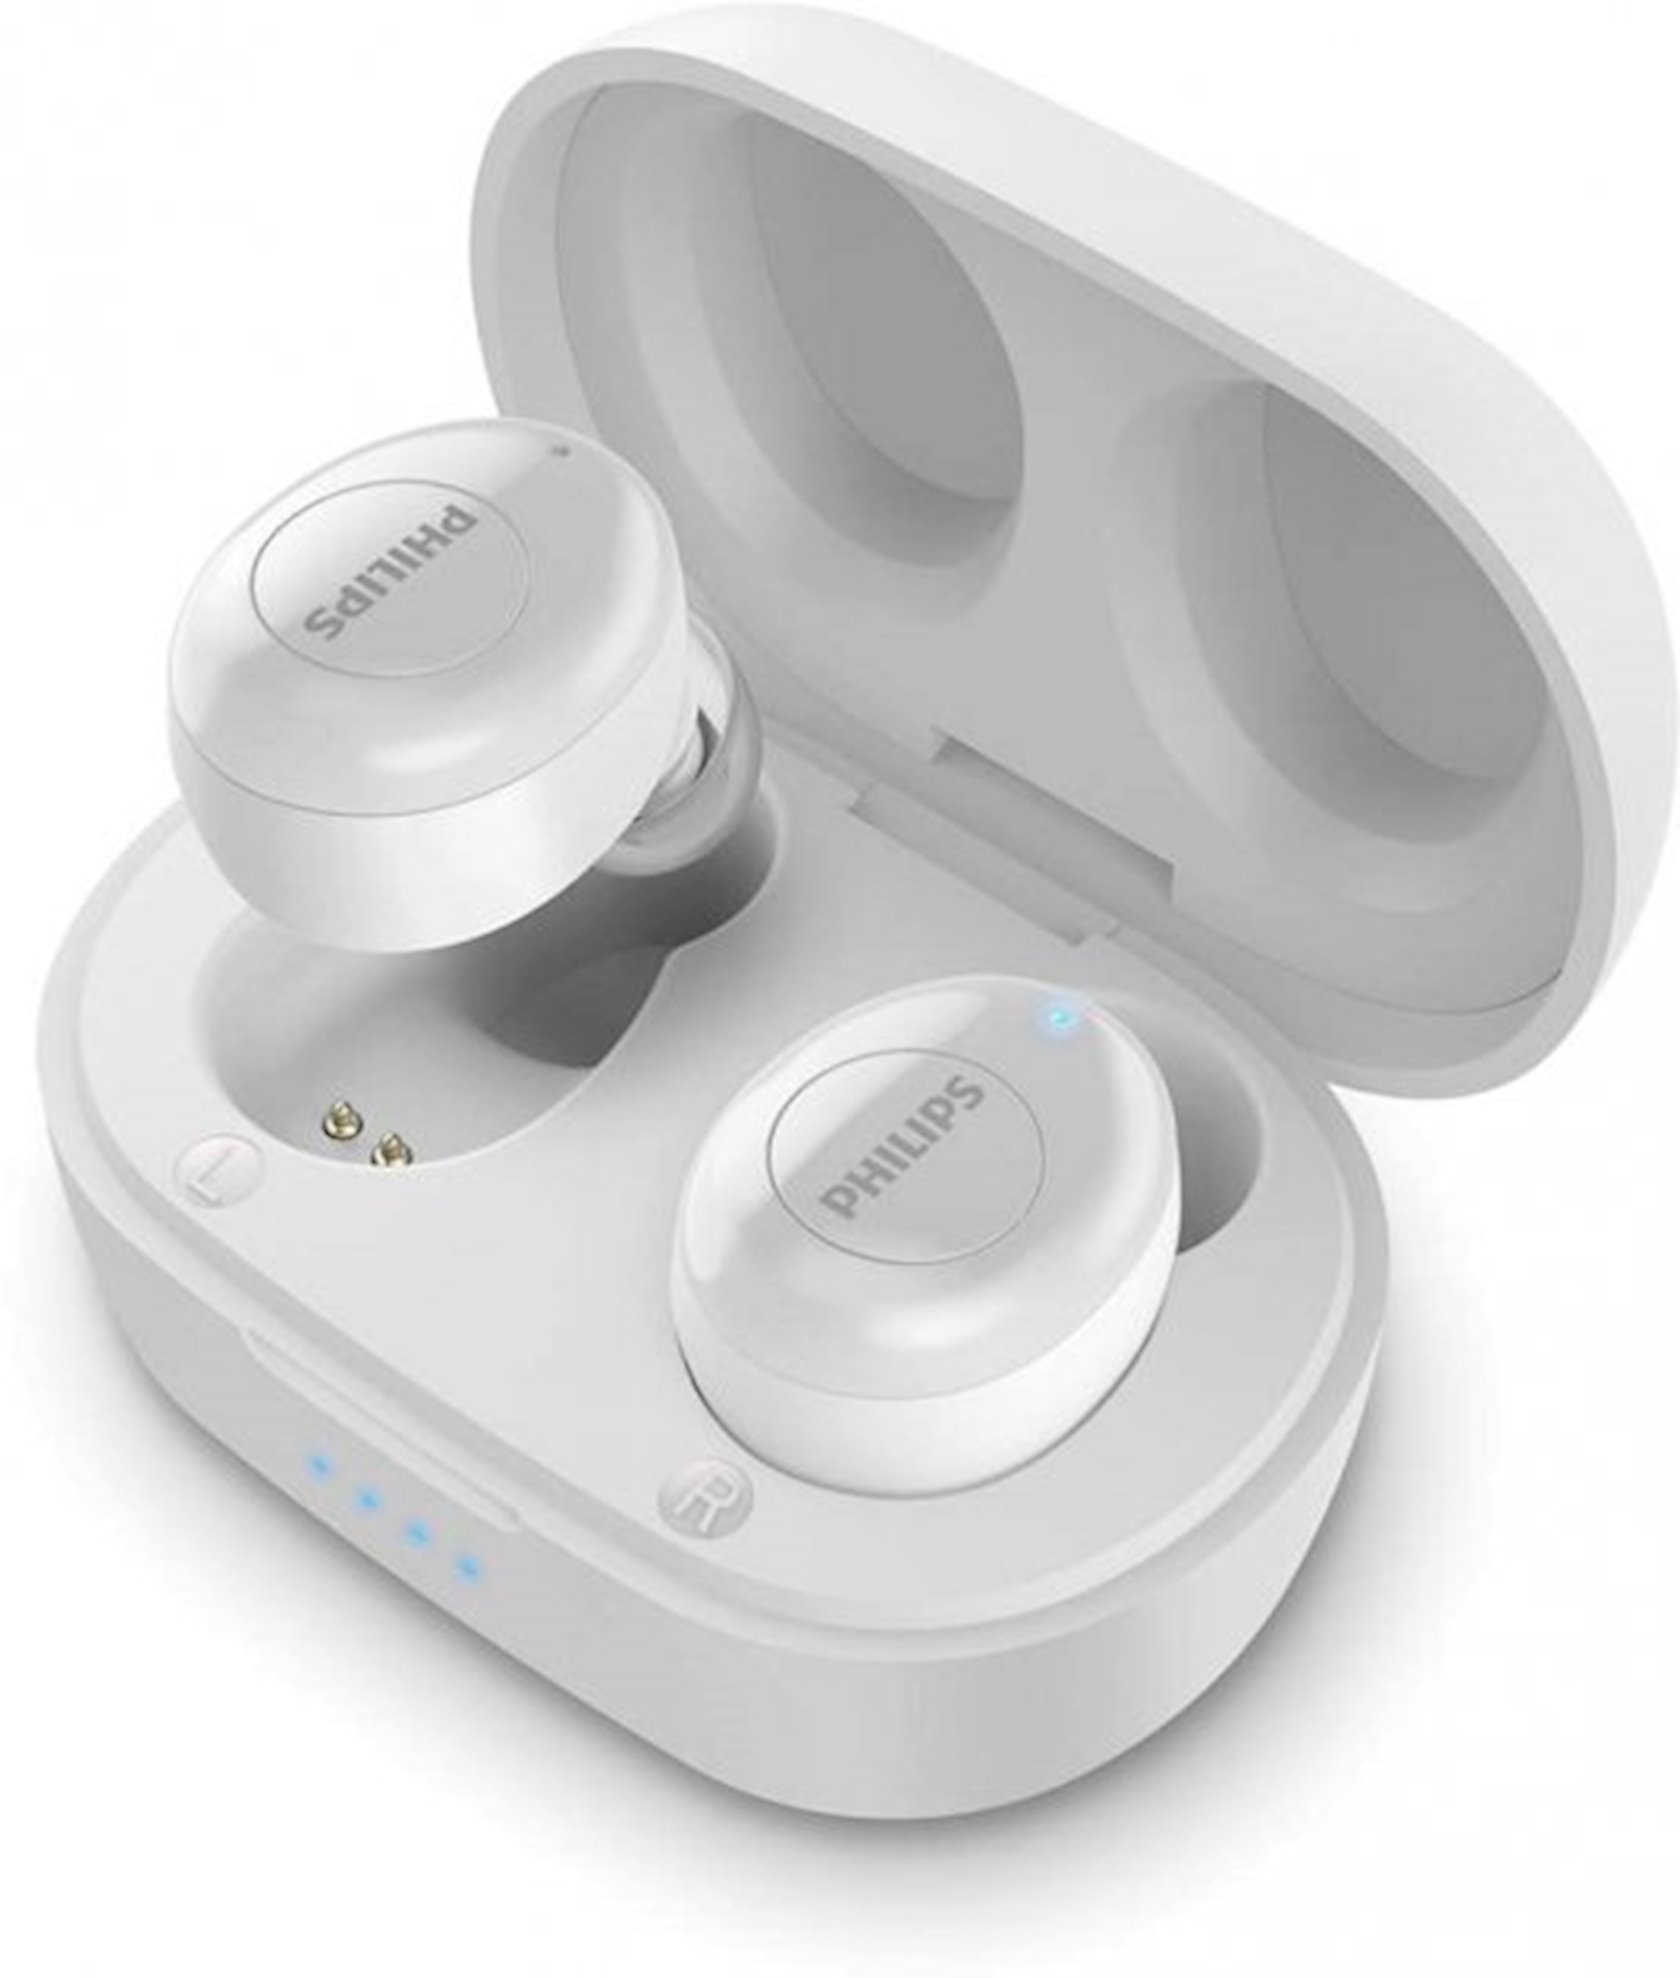 Simsiz qulaqlıq Philips TAT2205 True Wireless Mic White (TAT2205WT/00)